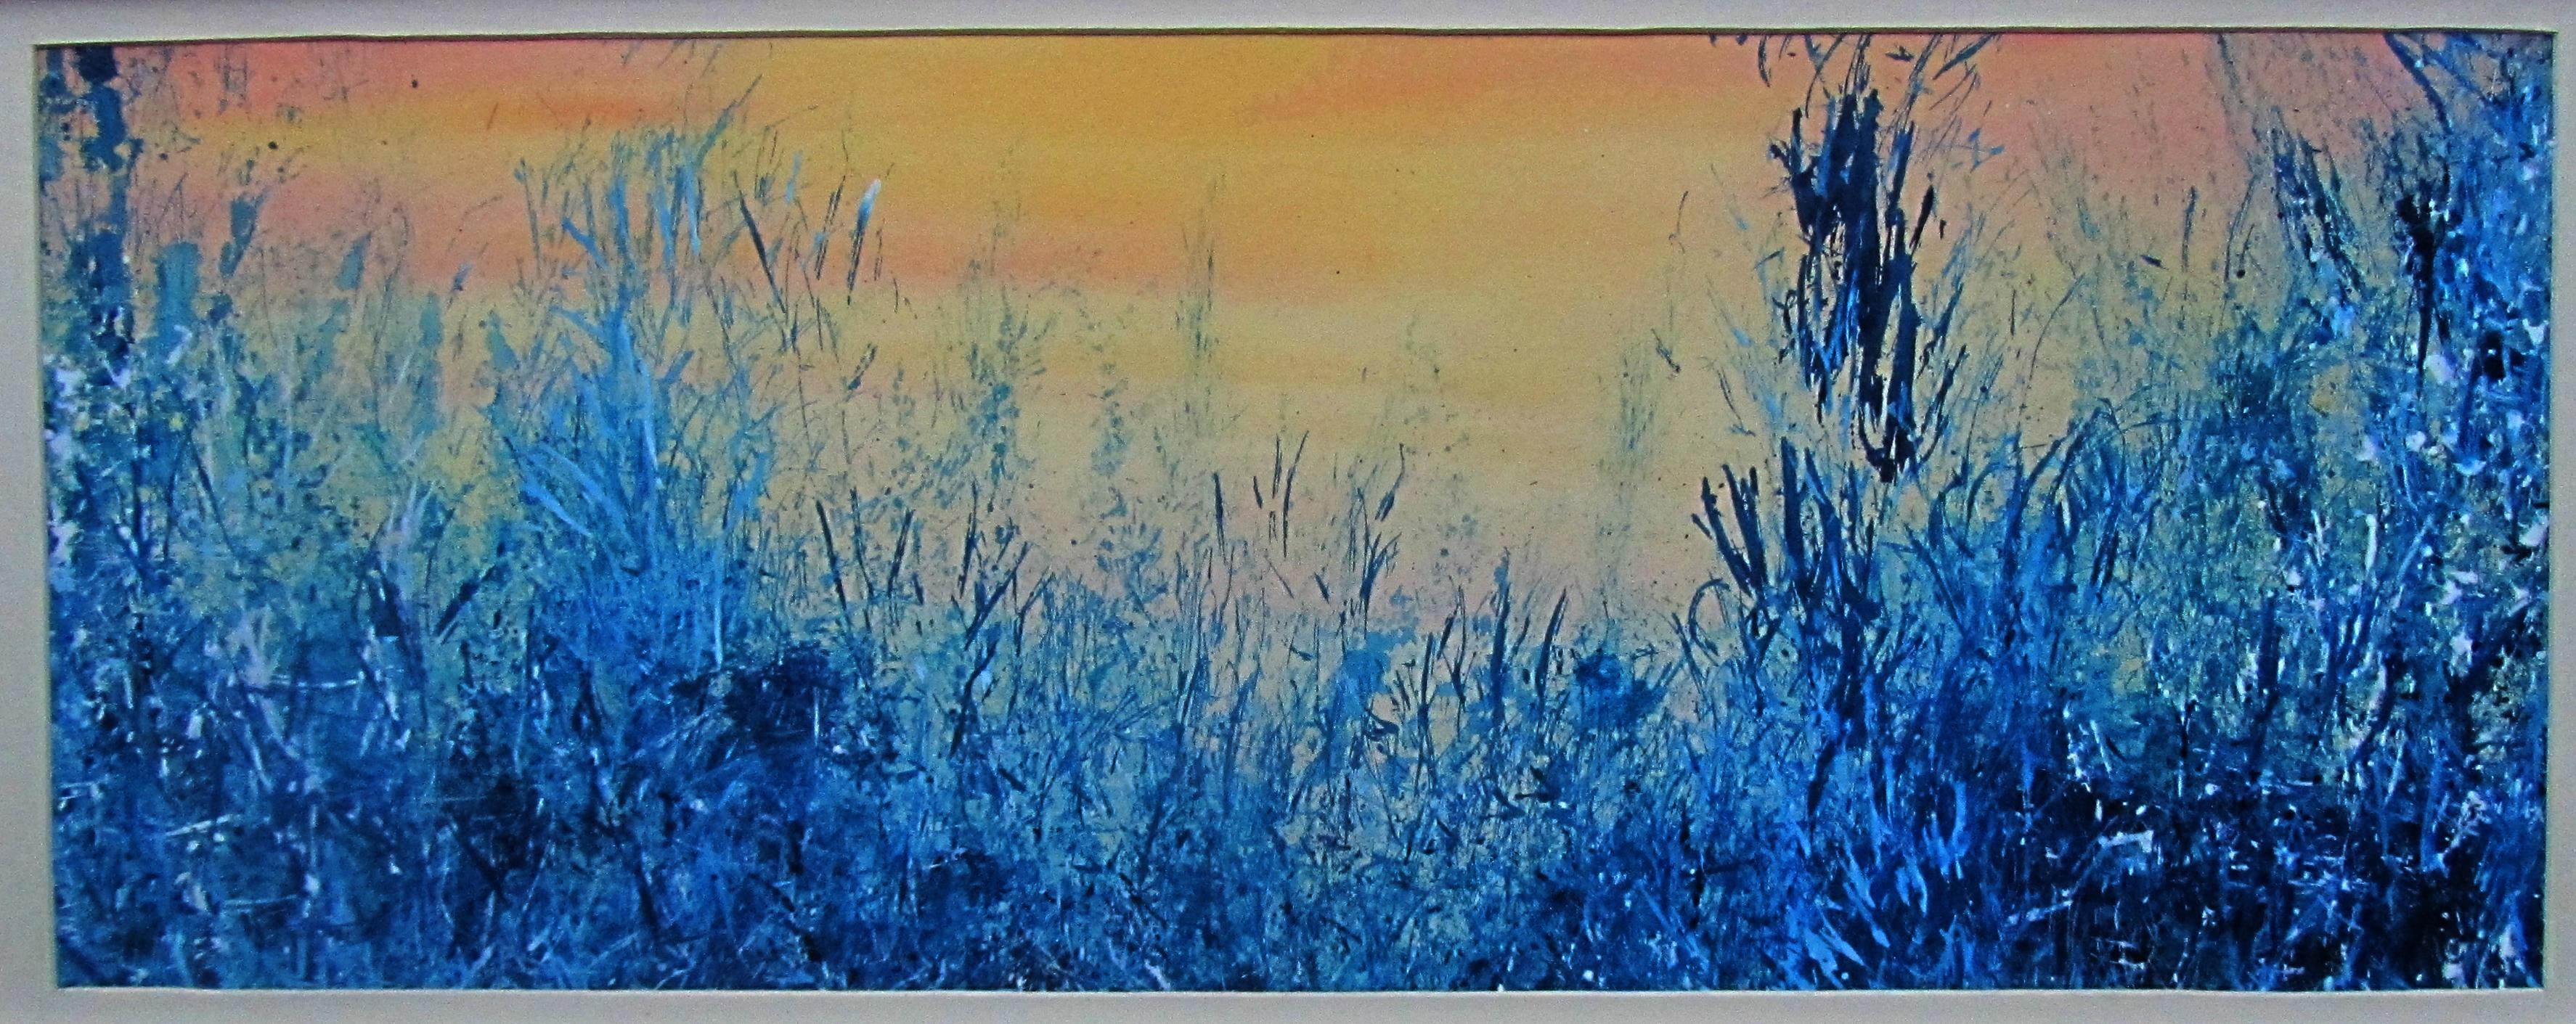 Bestwall Park sunset